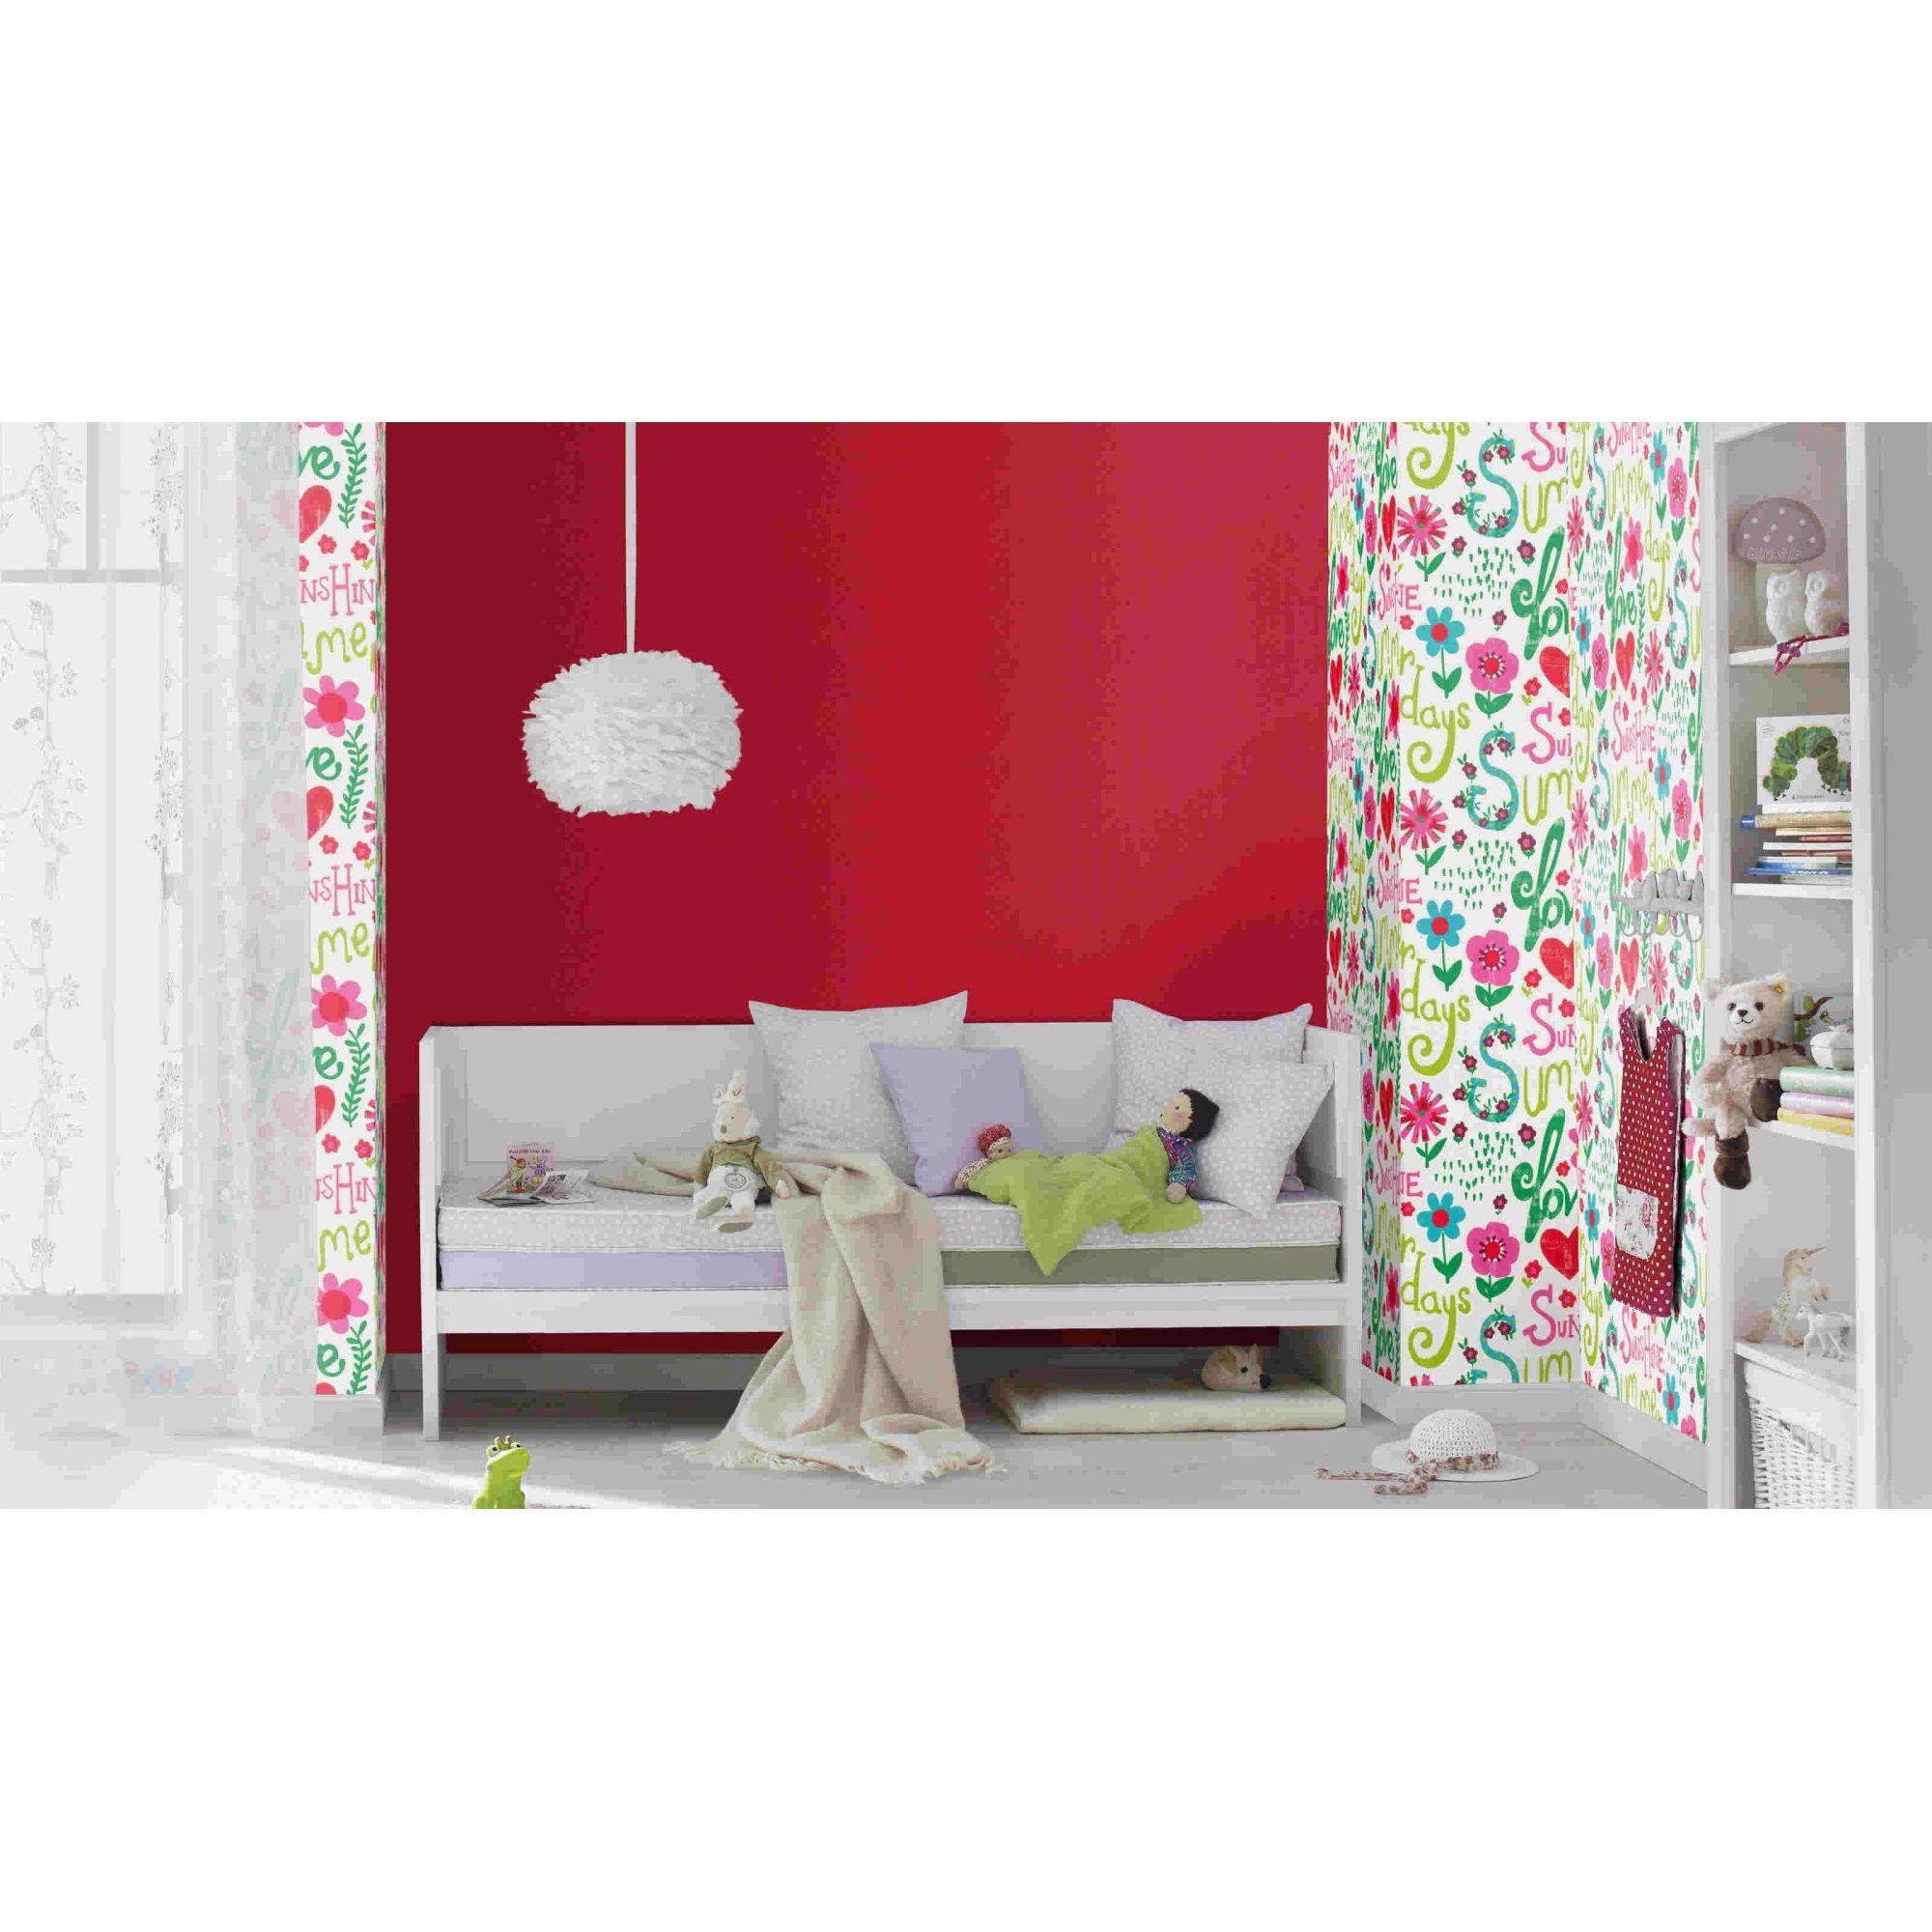 Papel de Parede Finottato Non Woven Coleção Tic Tac ii Floral Palavras  Rosa, Branco Verde, Vermelho, Verde